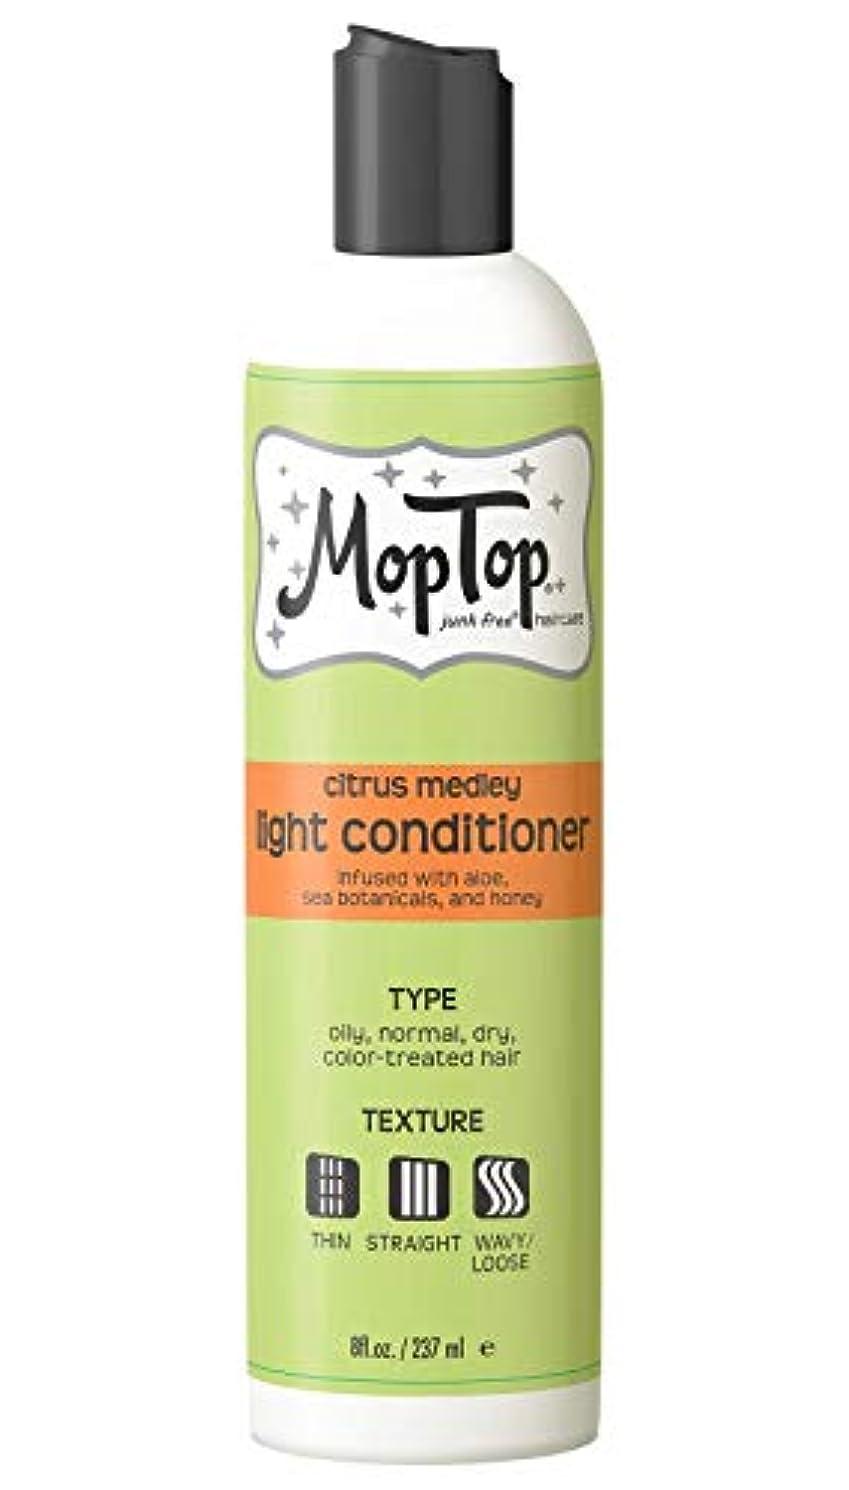 ハム抜け目のない気性MopTop Light Conditioner - Citrus Medley by MopTop